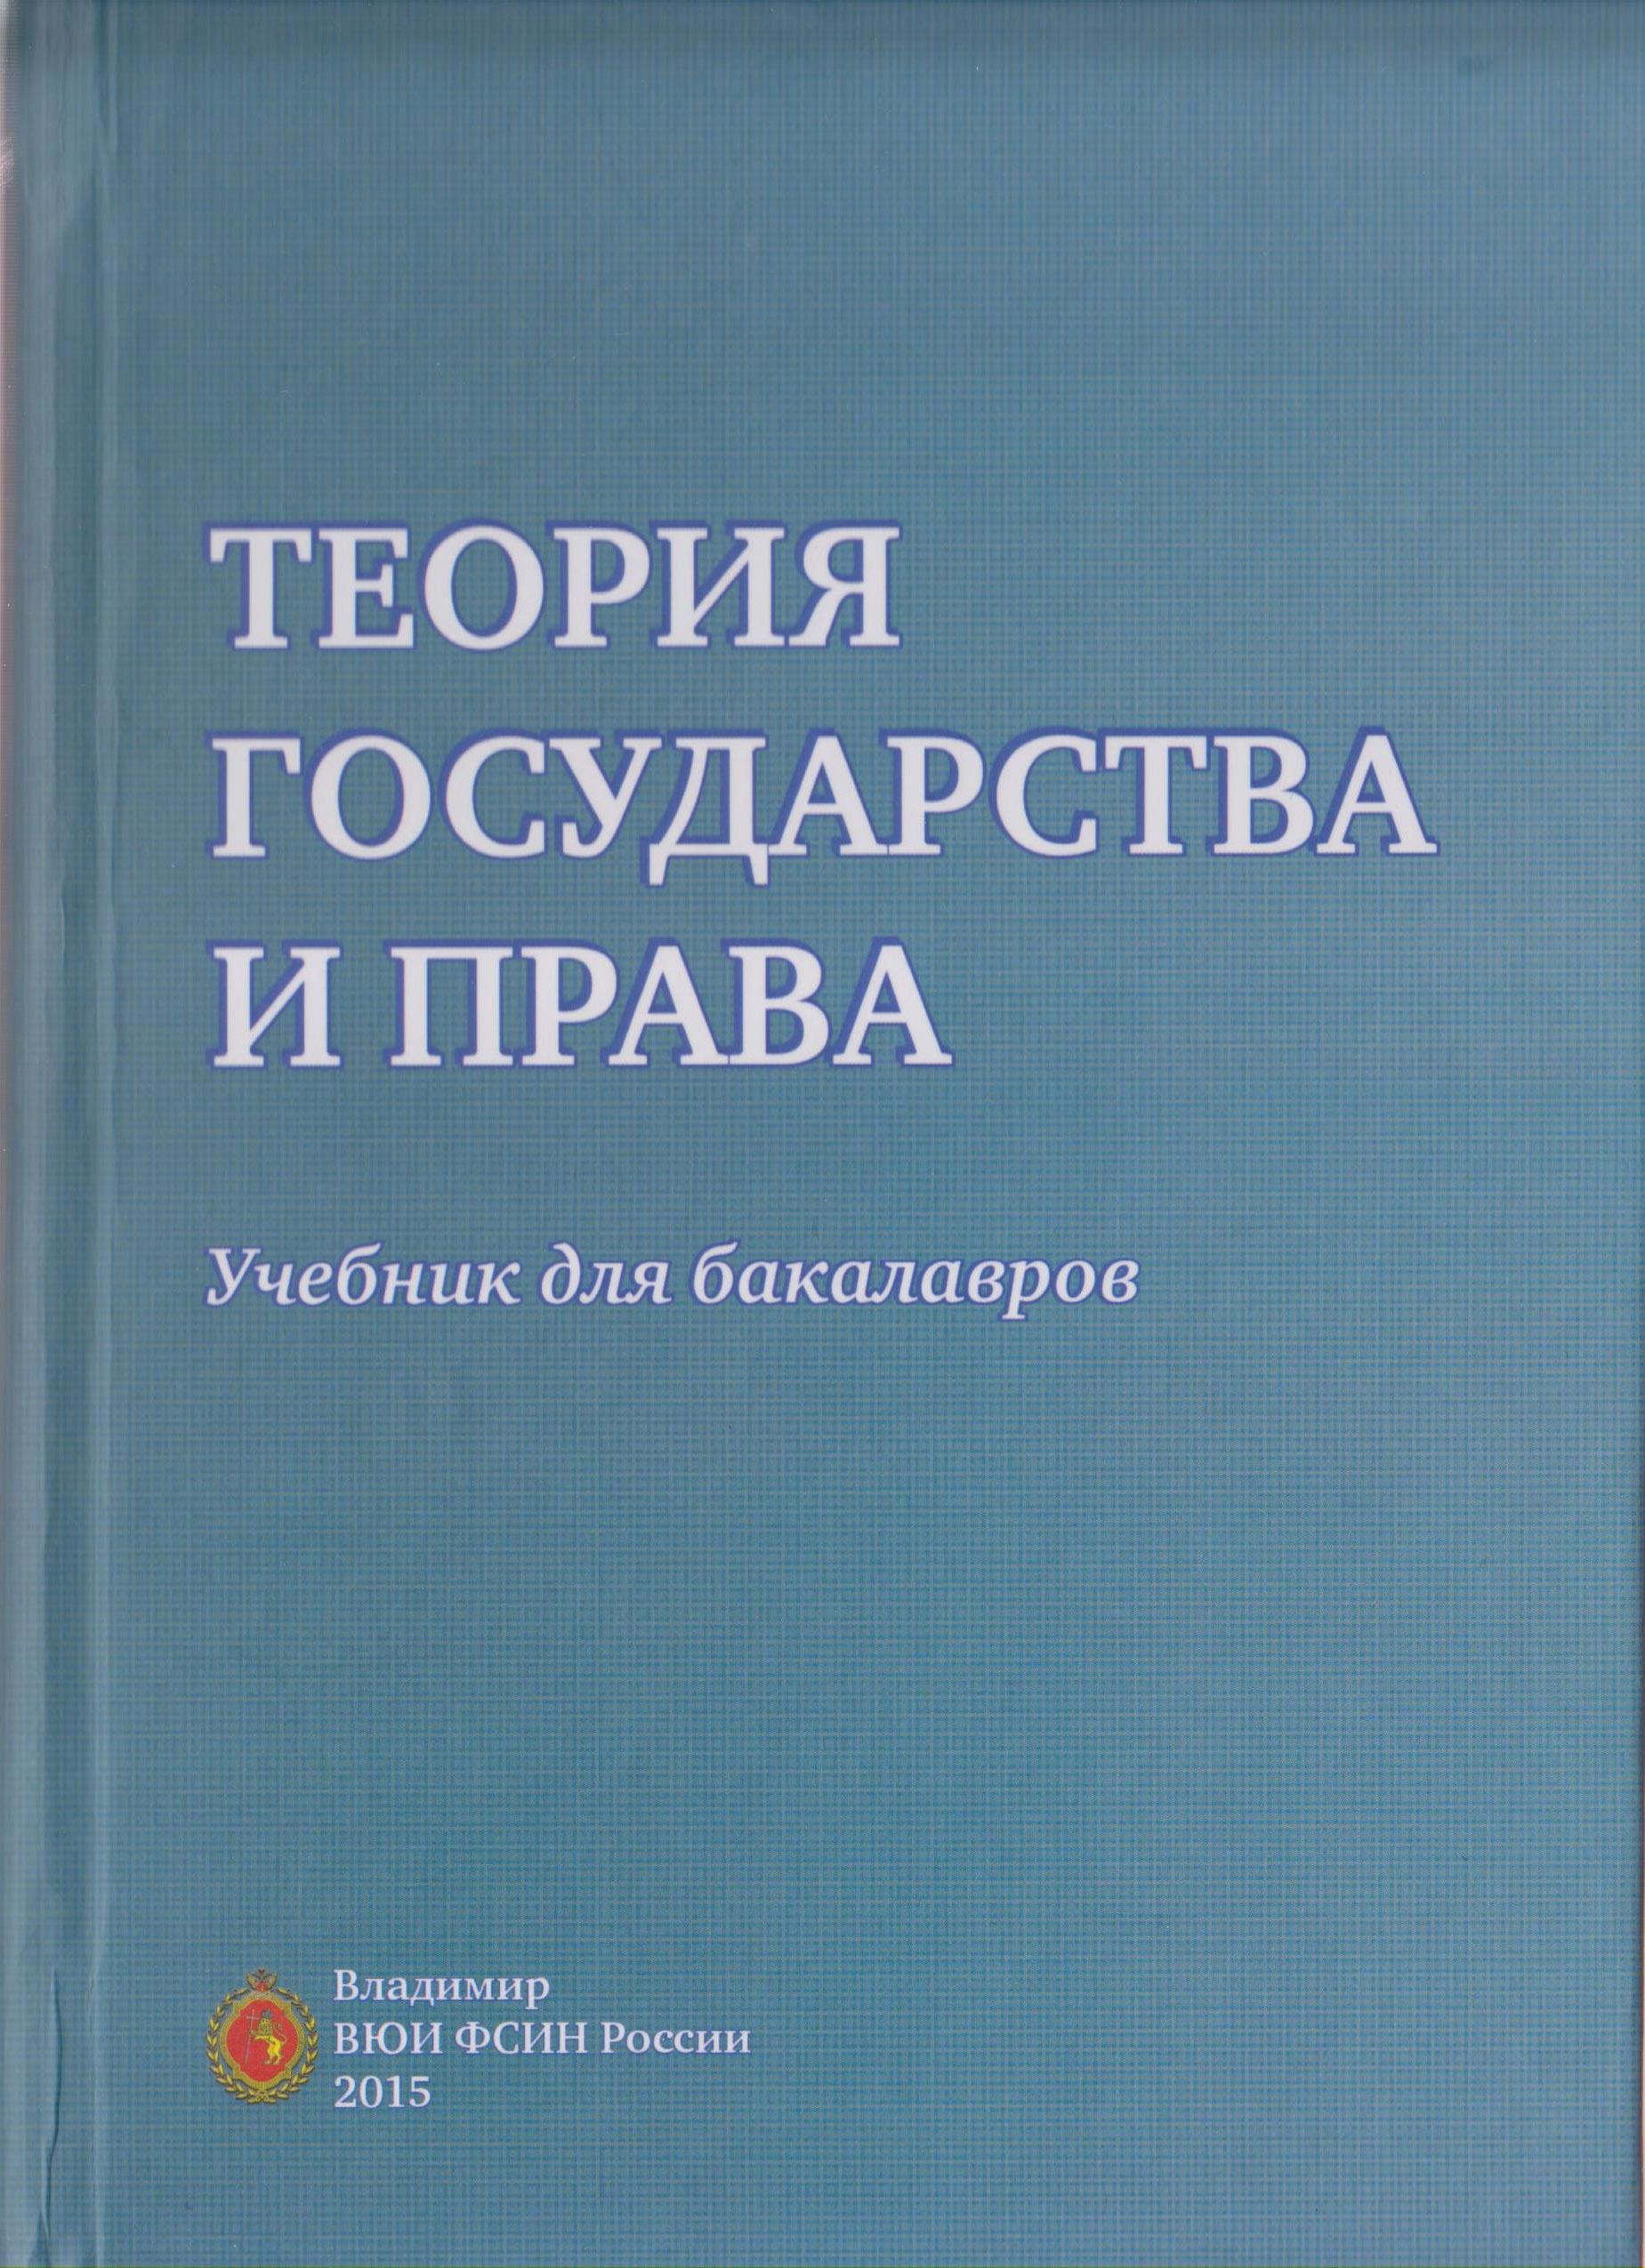 Теория государства и права как наука и учебная дисциплина